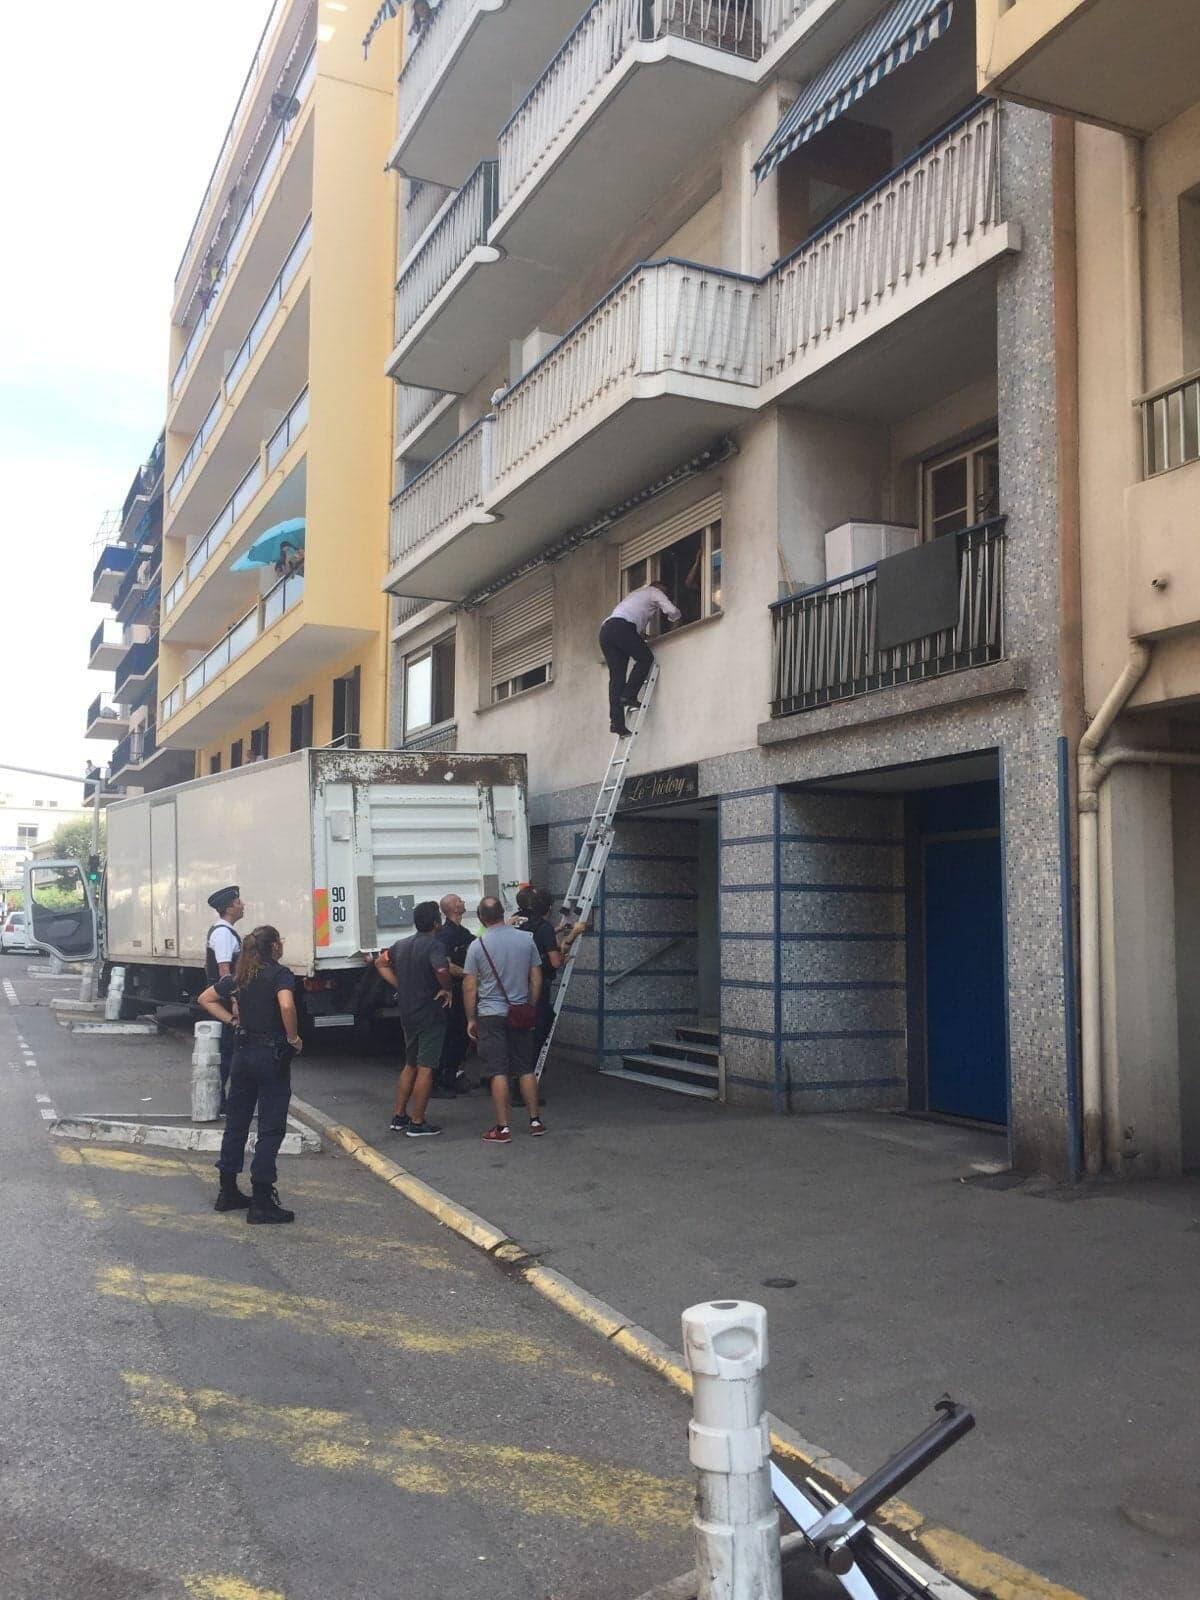 Joseph Ségura, maire de Saint-Laurent-du-Var a grimpé sur l'échelle des pompiers pour convaincre le malheureux de renoncer à son geste.